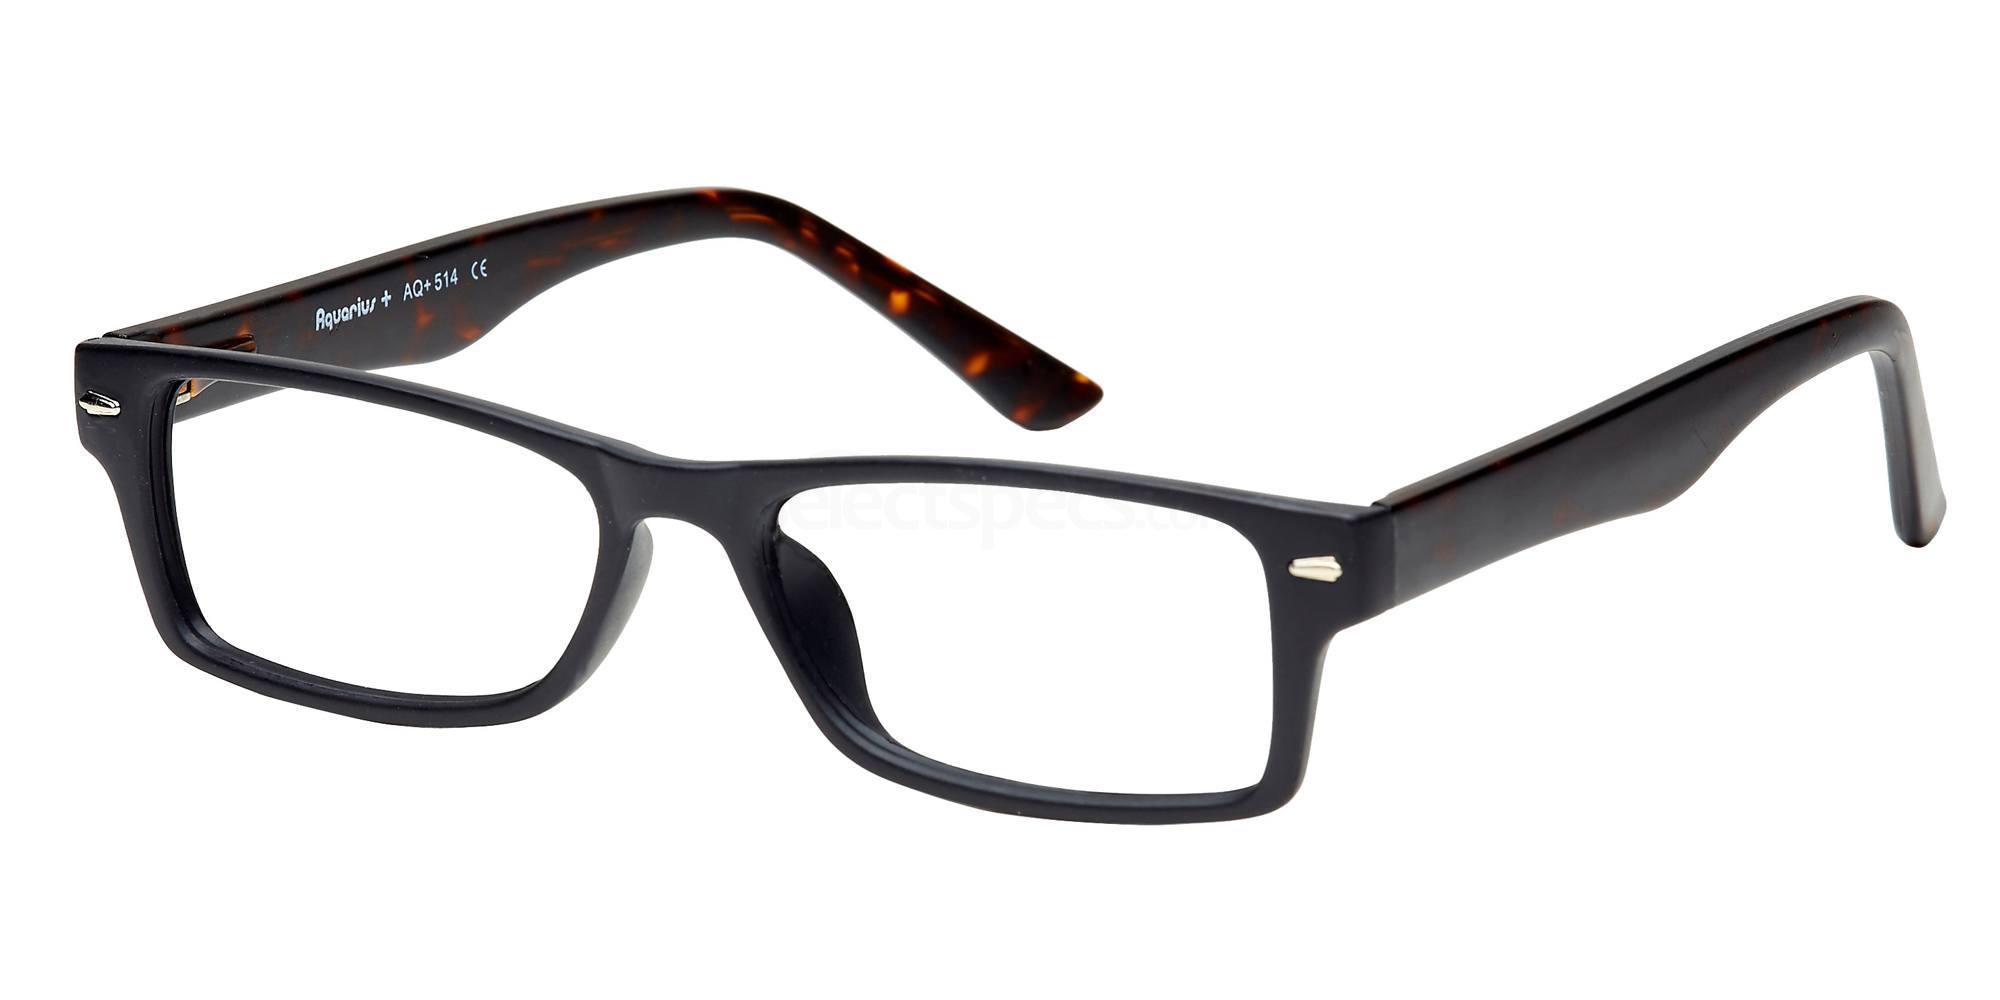 C3 AP514 Glasses, Aquarius+